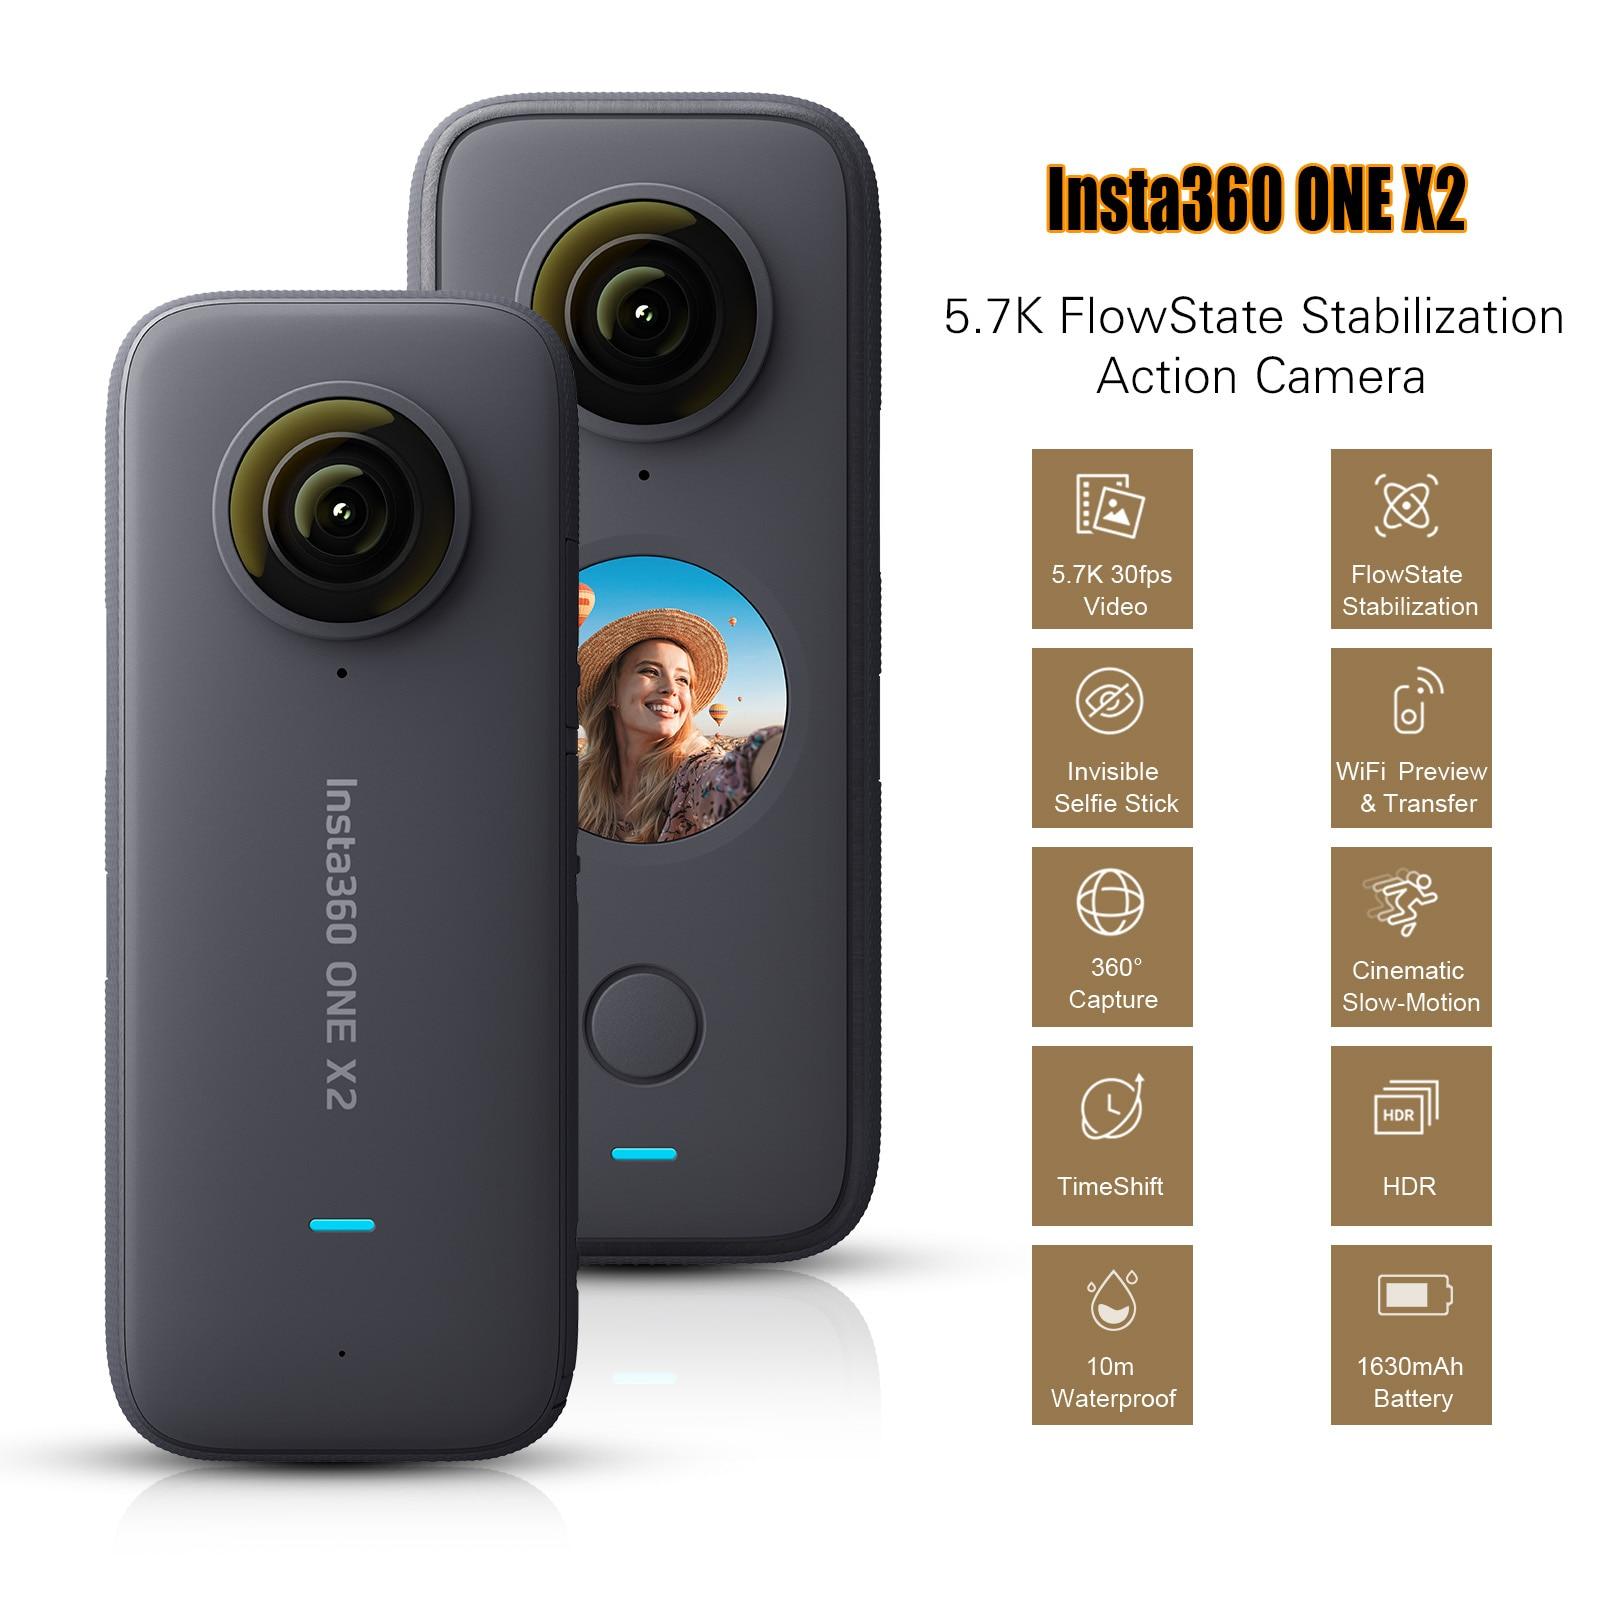 Insta360 um x2 flowstate estabilização panorâmica ação câmera 5.7k 30fps lcd tela de toque 10m corpo impermeável hdr app edição